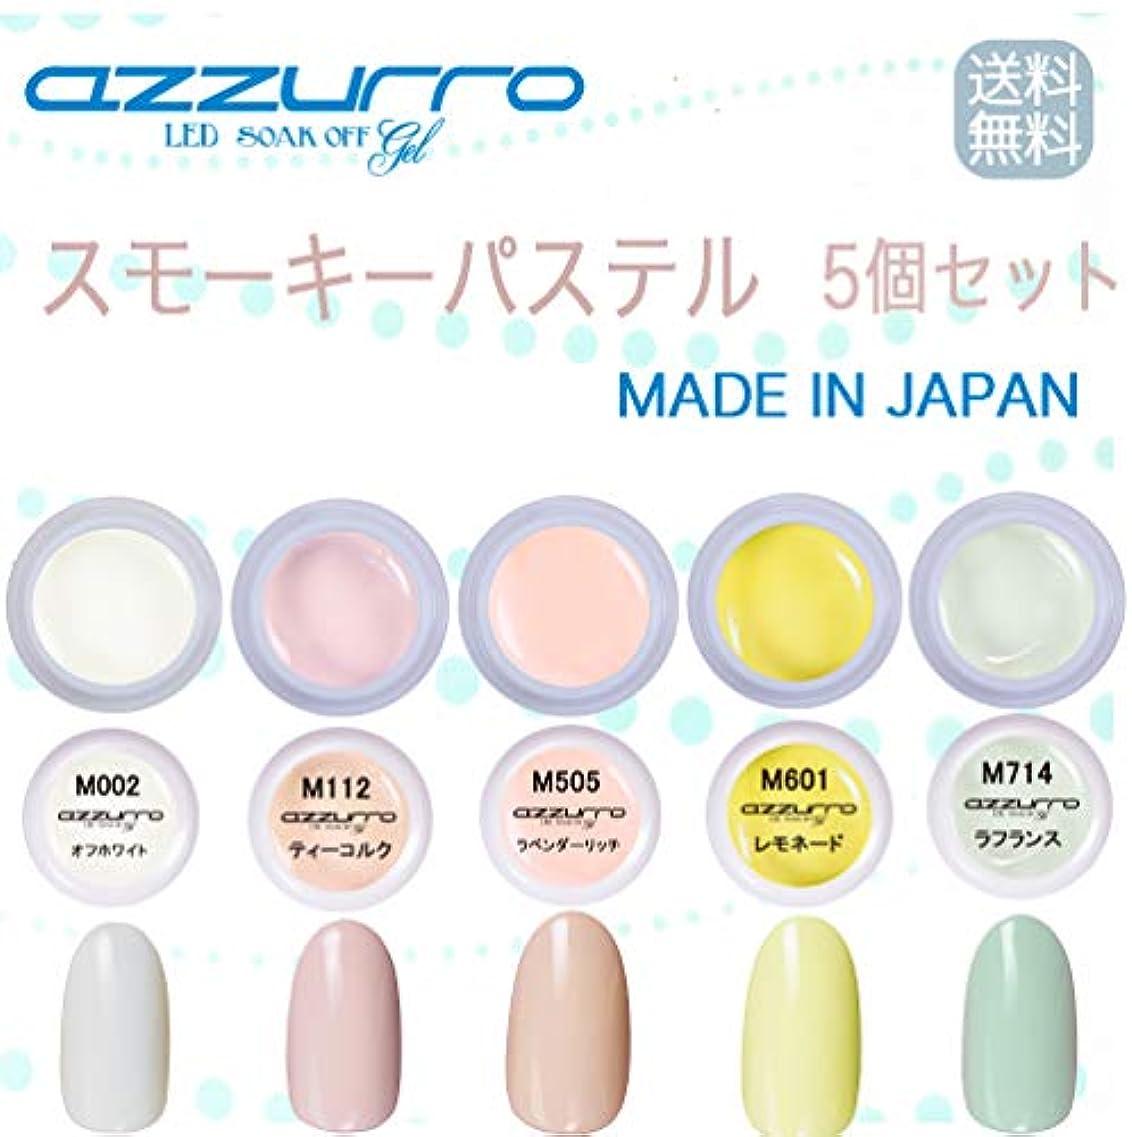 いつもアベニュー更新【送料無料】日本製 azzurro gel スモーキーパステルカラージェル5個セット オフィスでも人気のカラーをセット